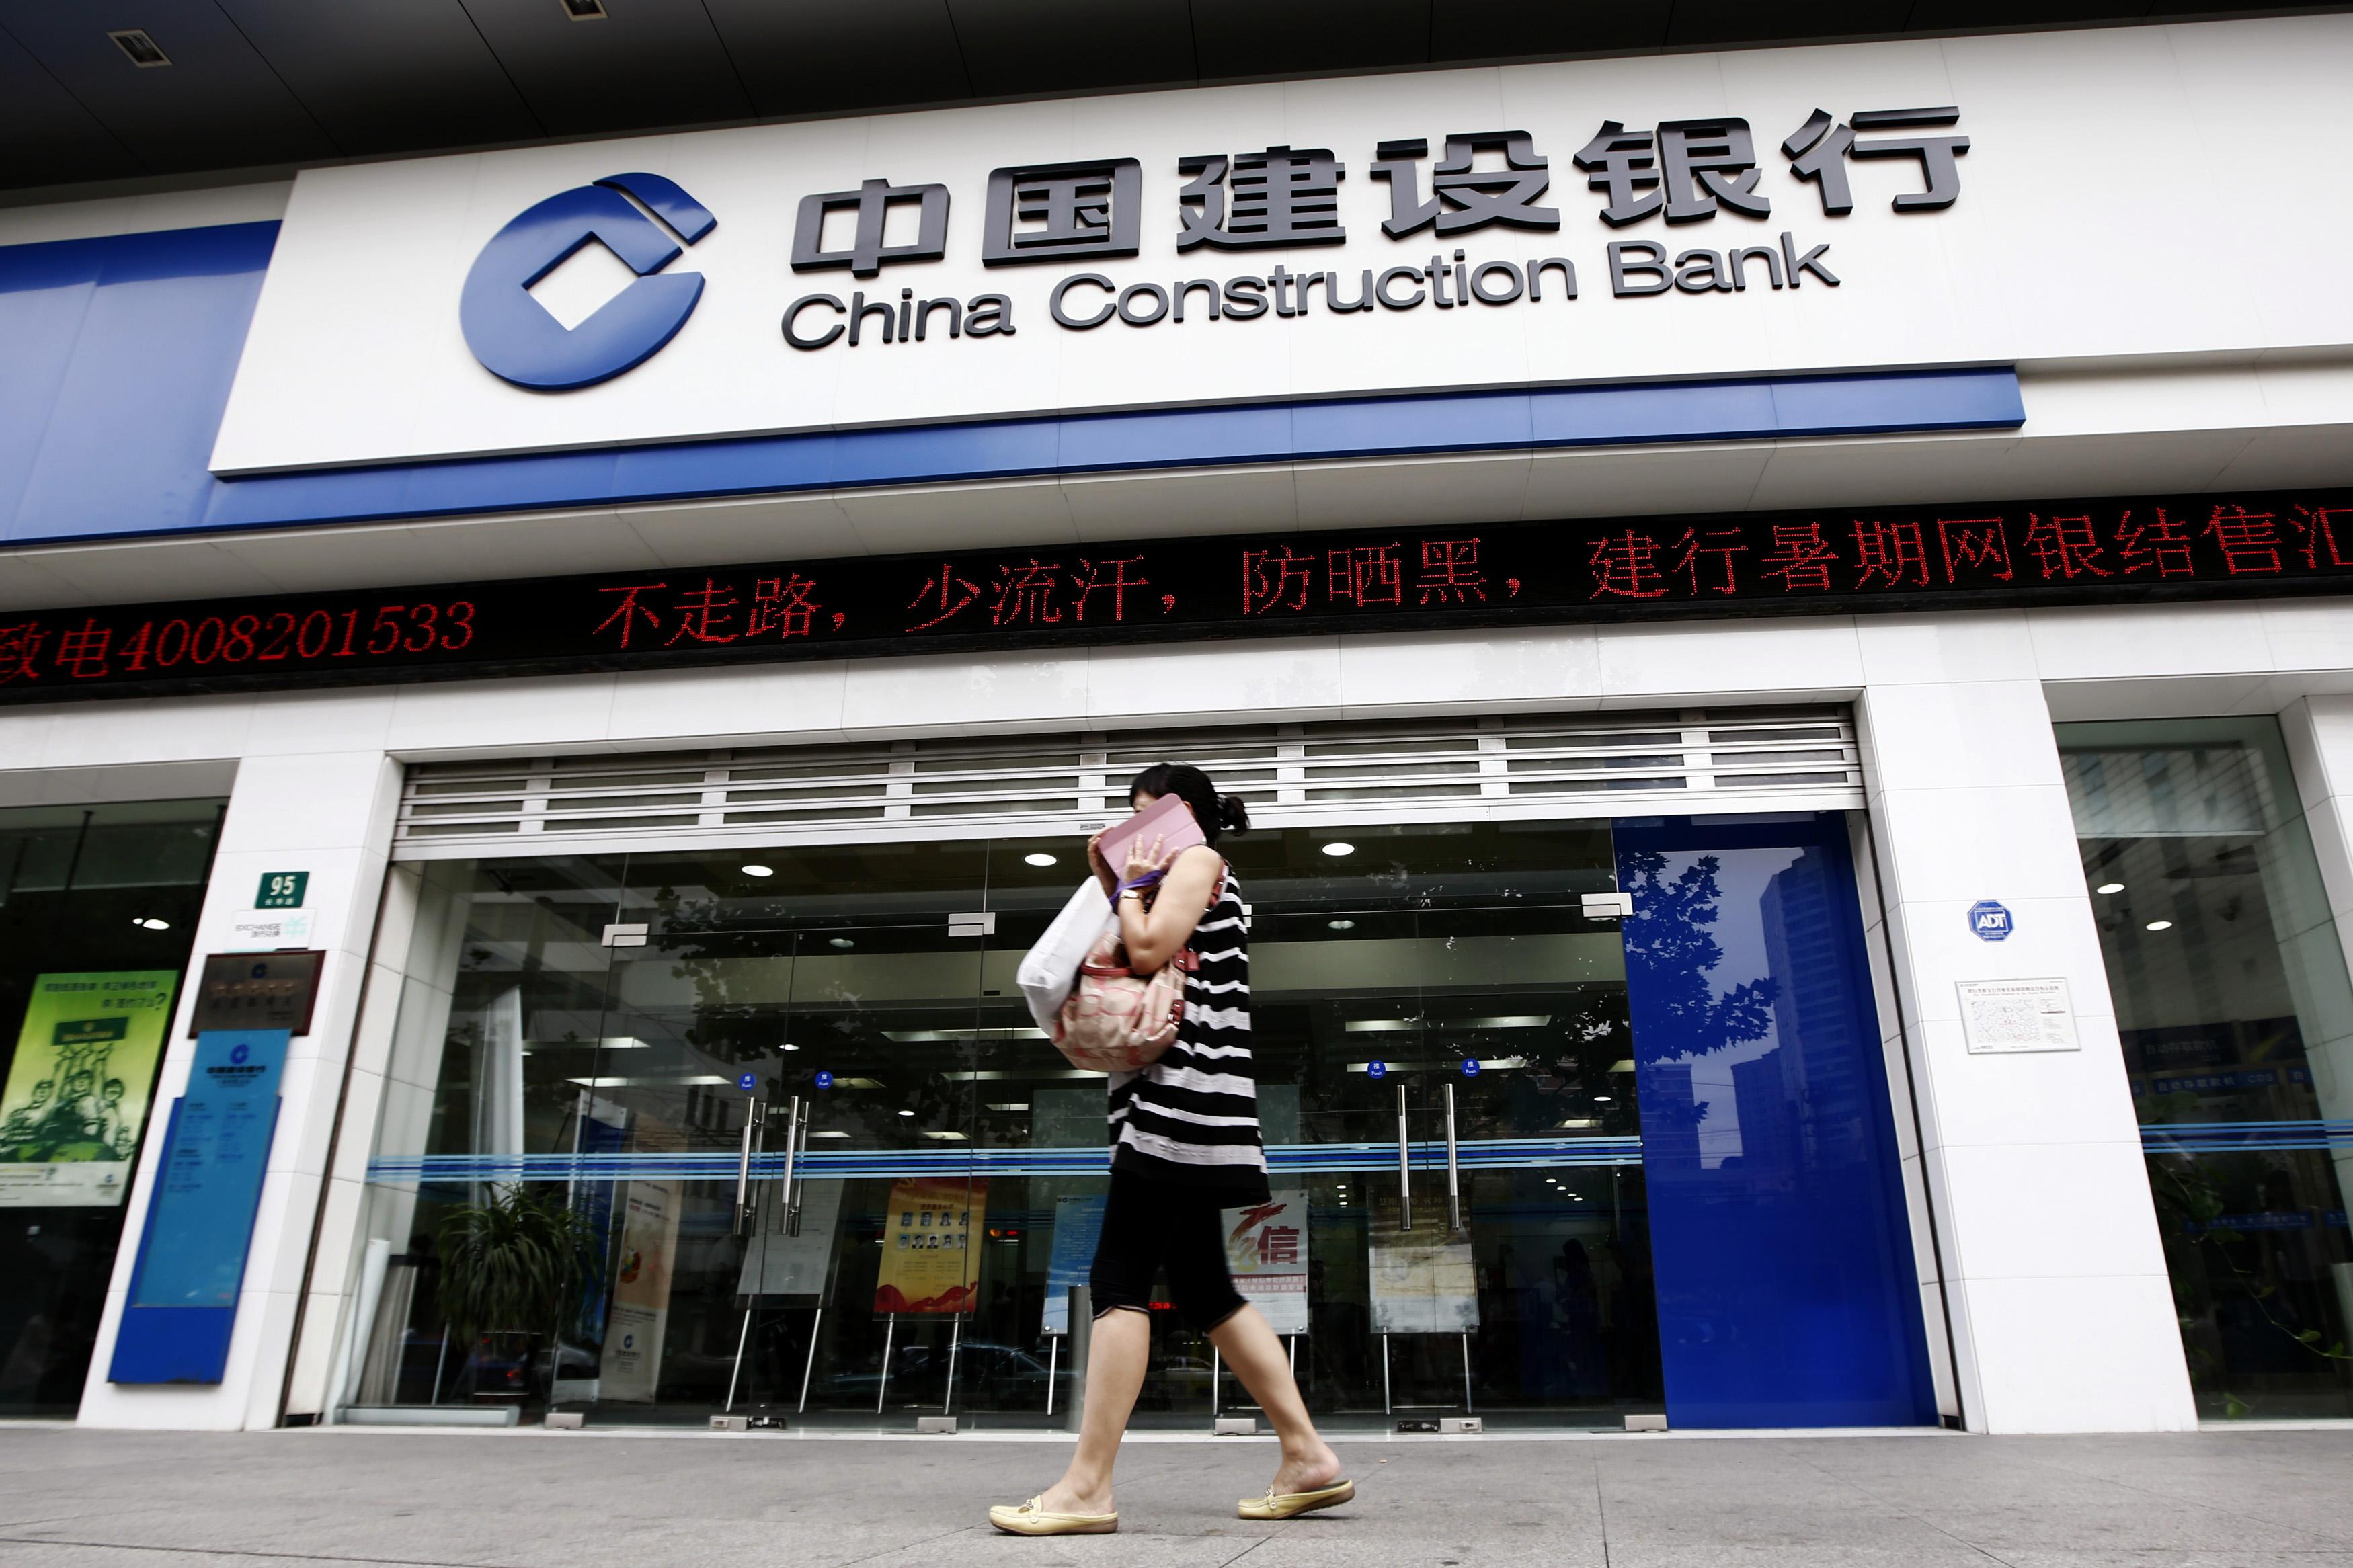 14.China Construction Bank